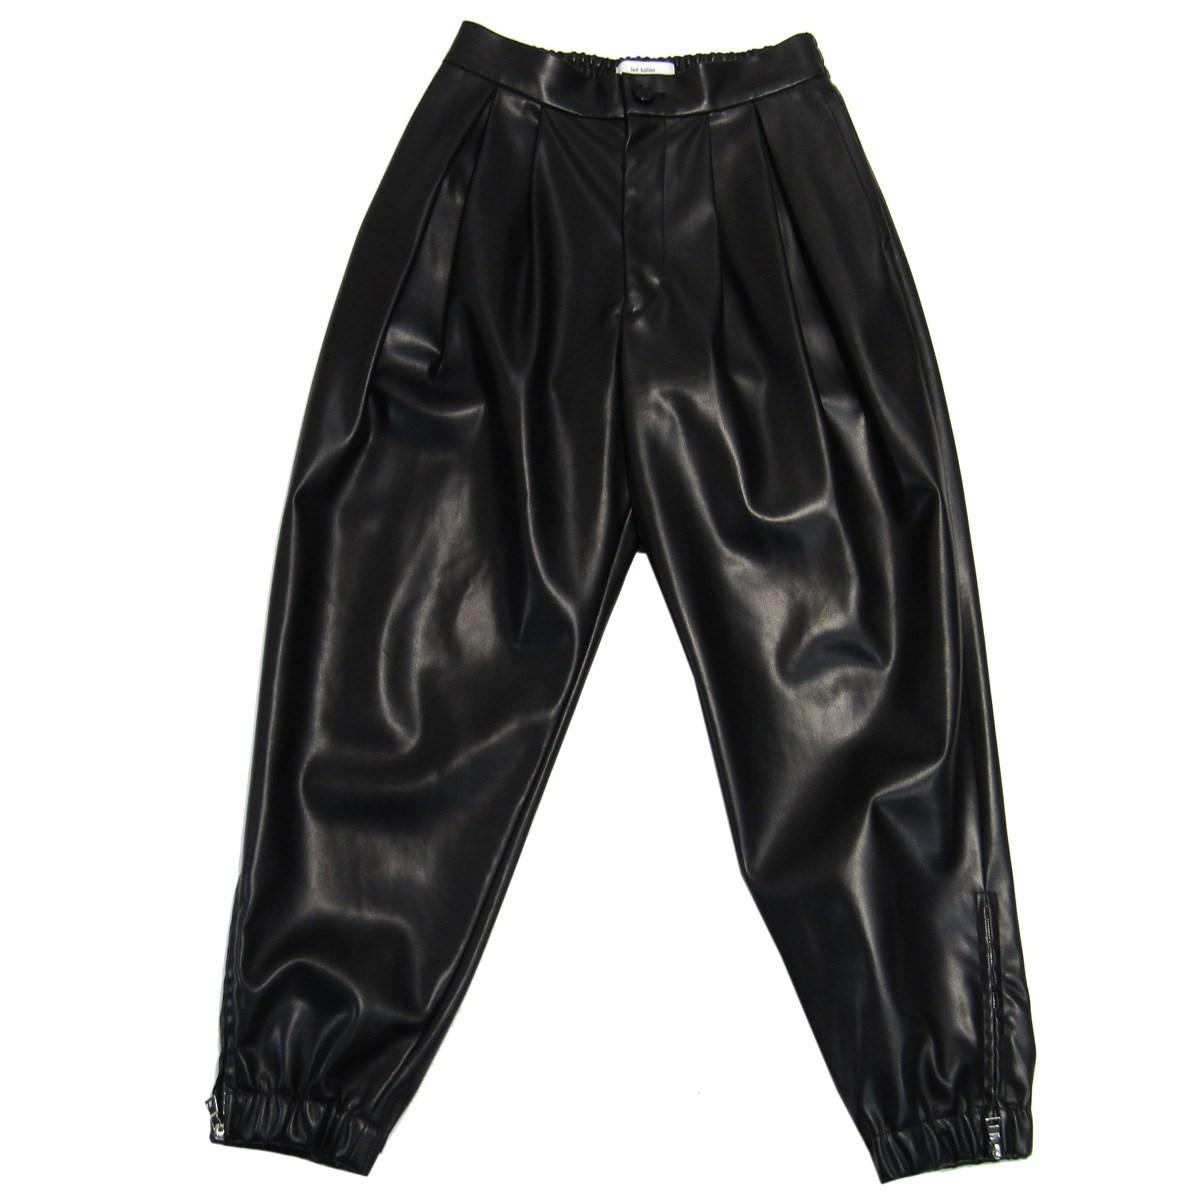 【中古】lot holon 裾ジップフェイクレザーパンツ ブラック サイズ:44 【300320】(ロット ホロン)